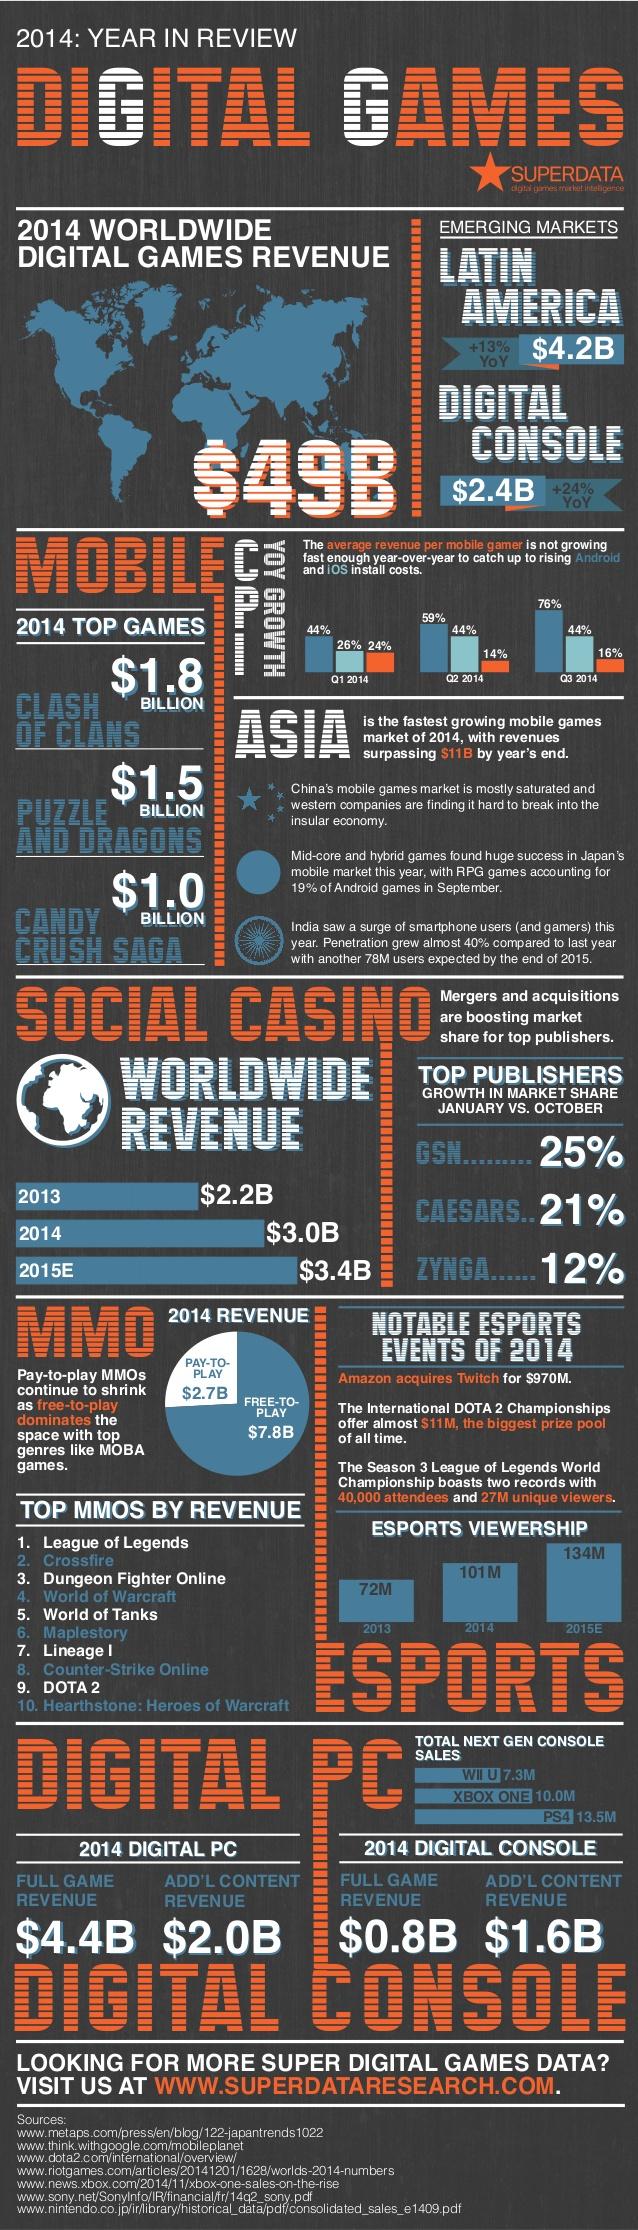 Juegos digitales en 2014